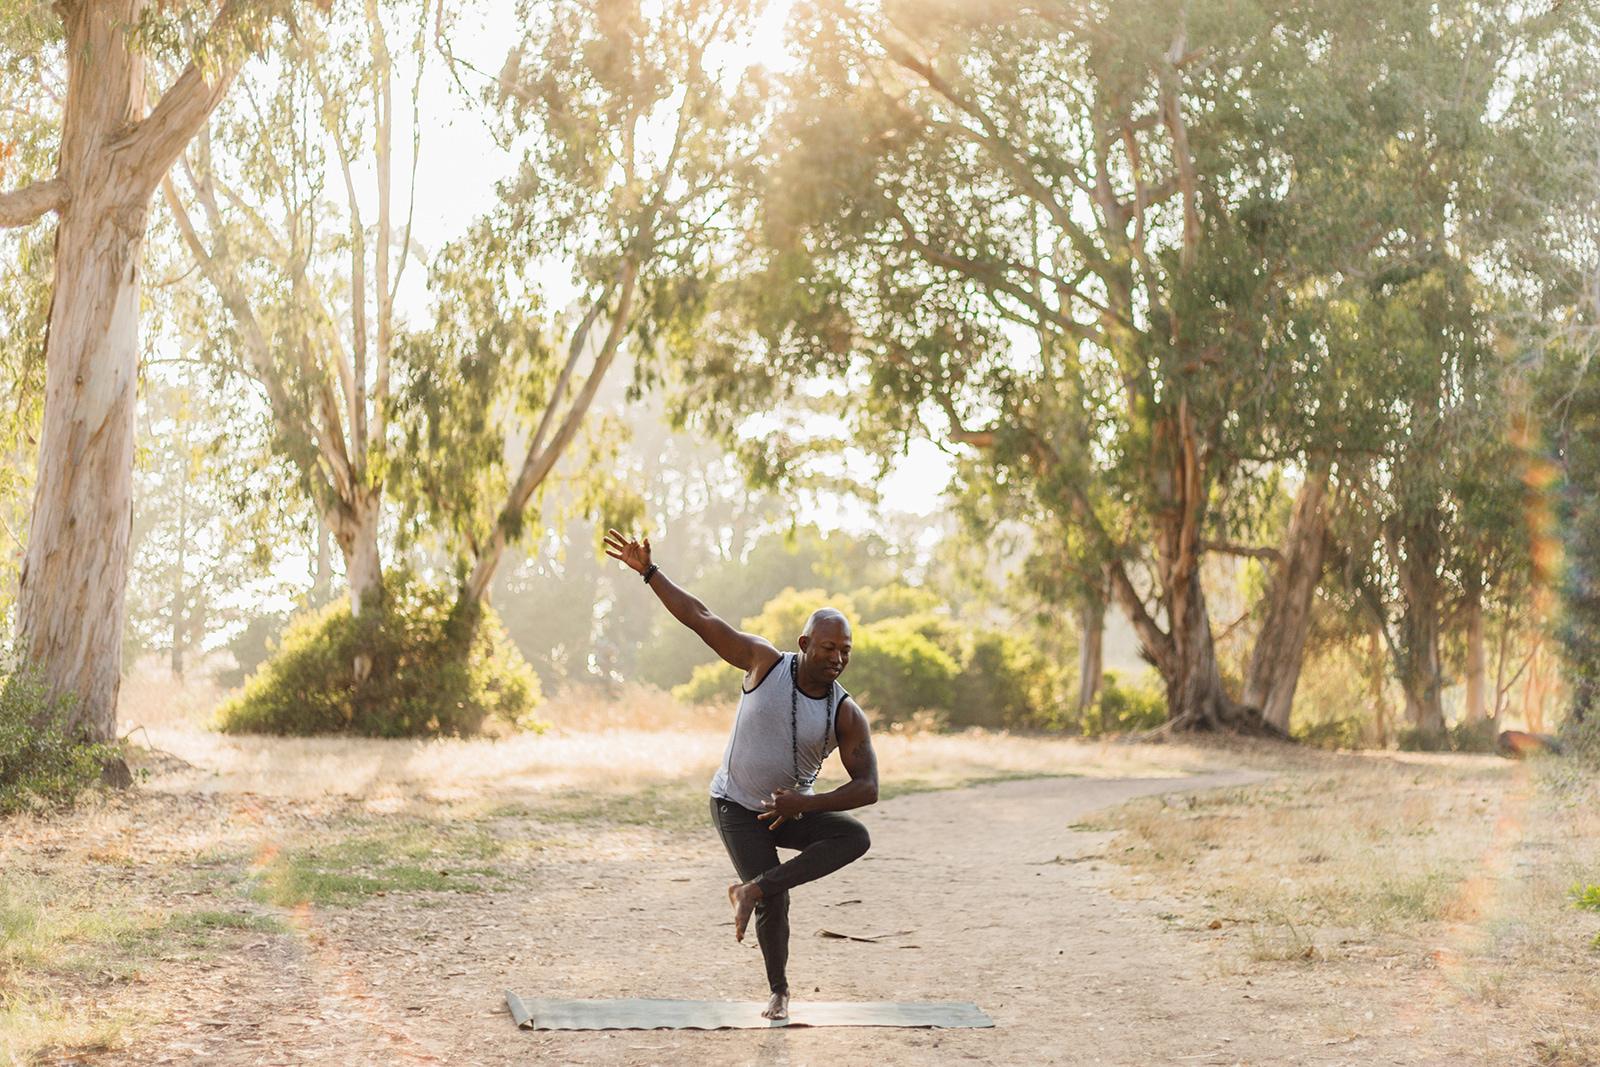 Vinyasa yoga classes in Santa Barbara at Divinitree Yoga Studio